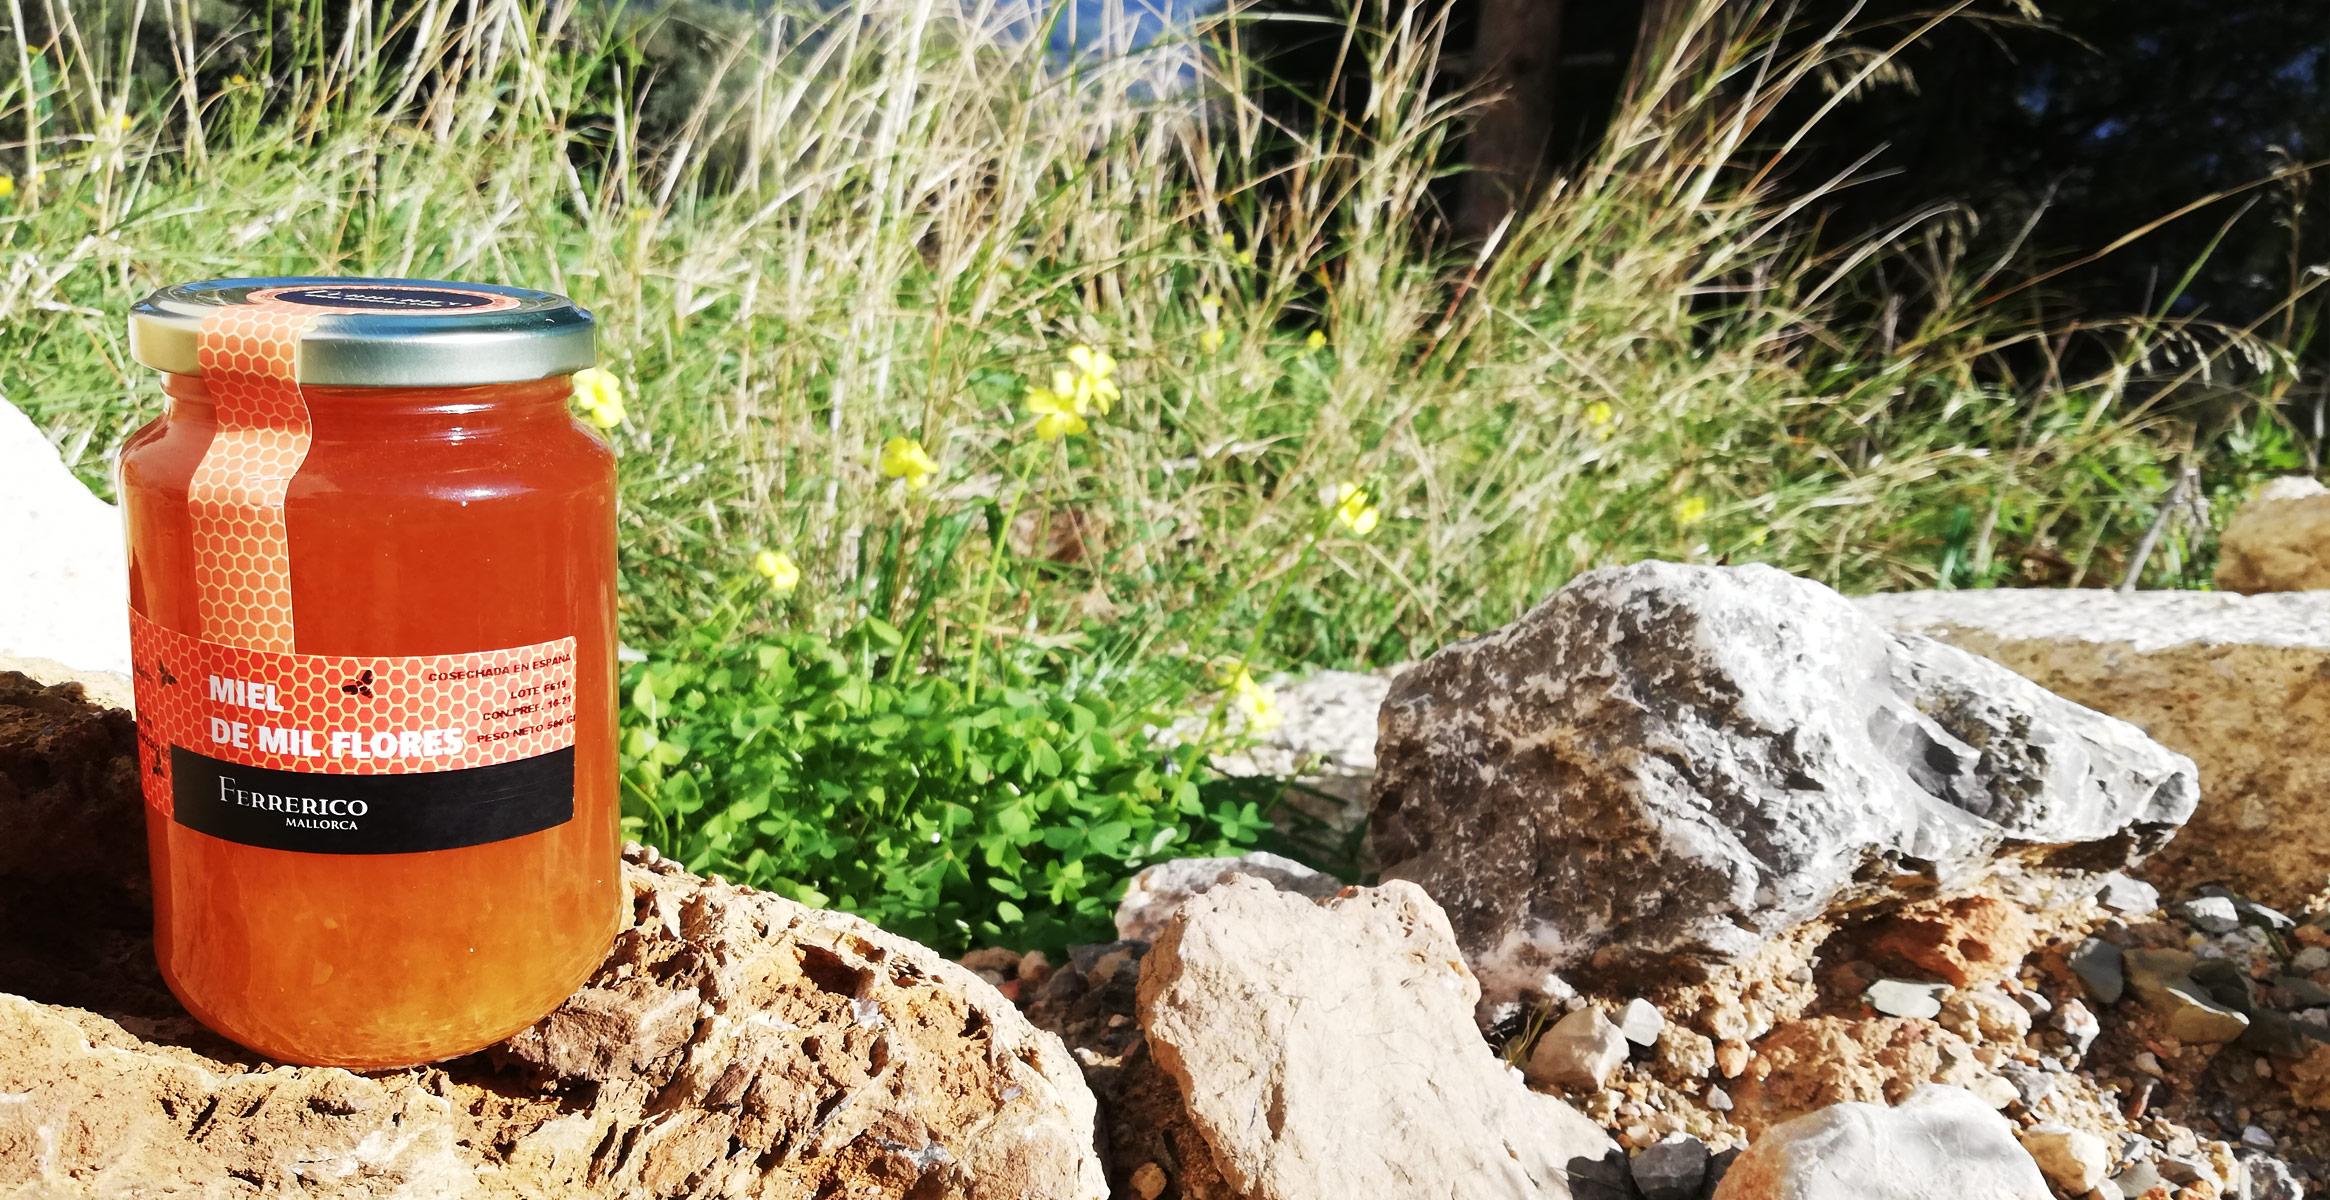 Ferrerico Blütenhonig Miel de Mil flores